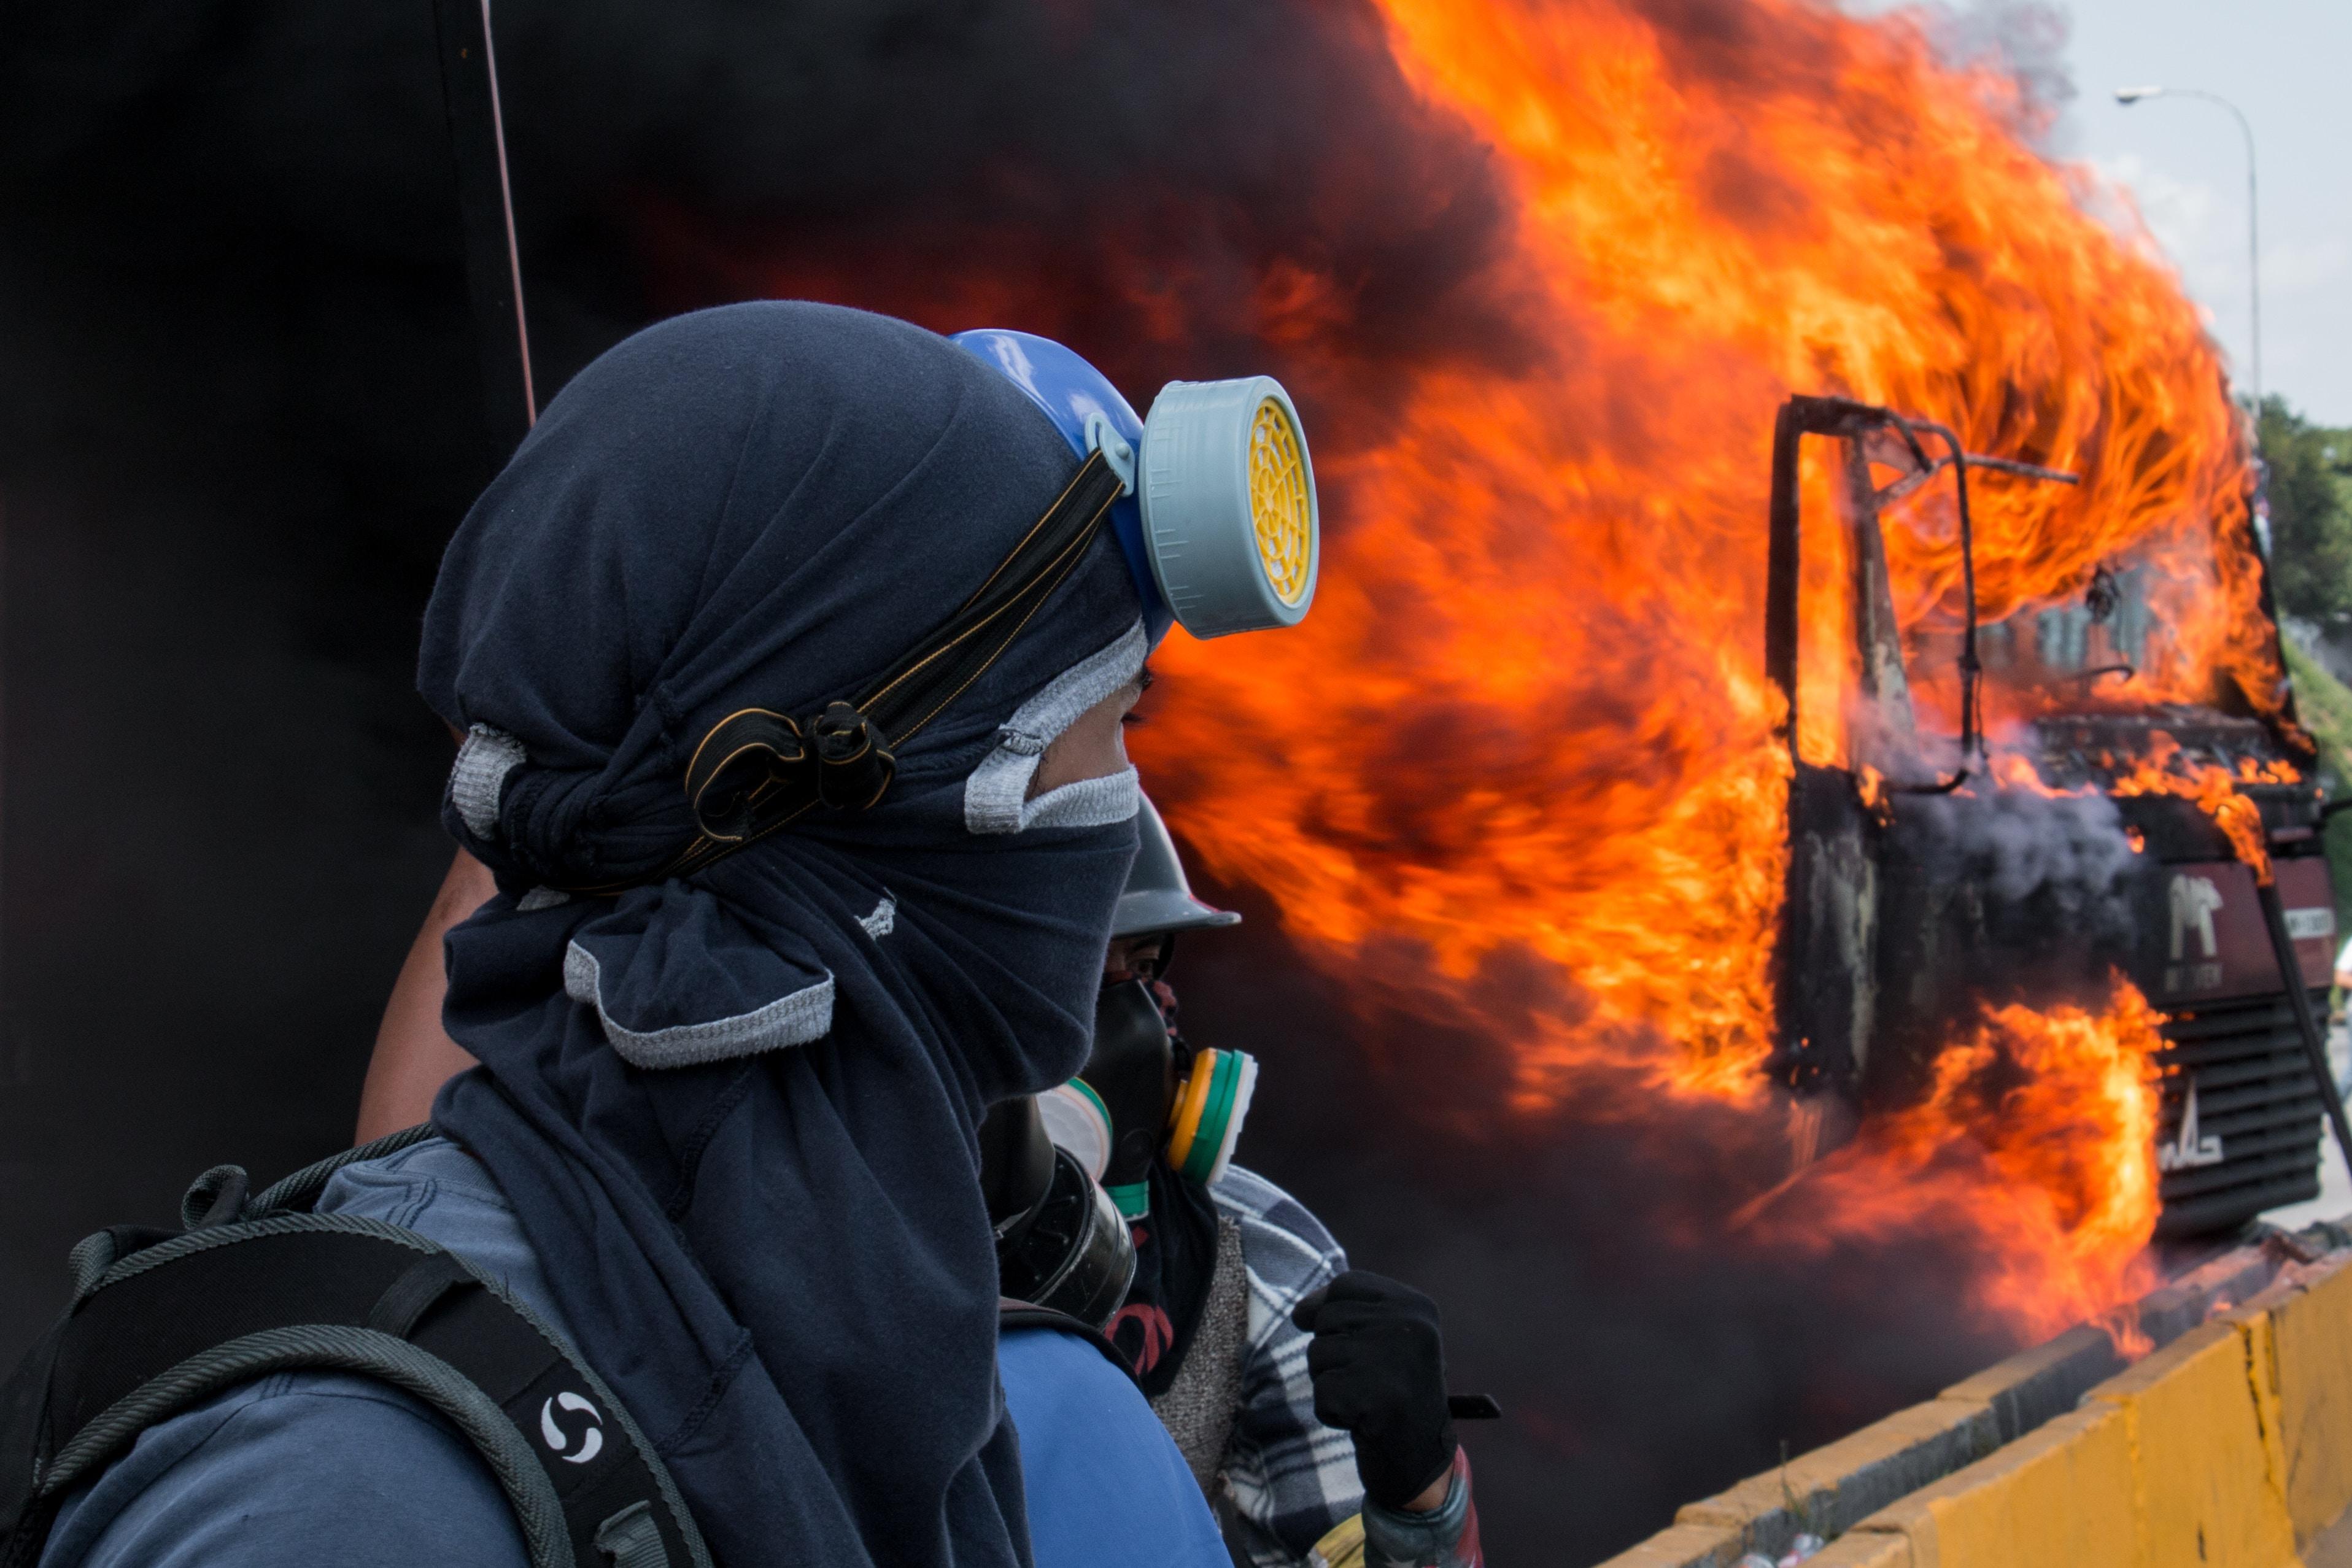 man standing near burning vehicle during daytime